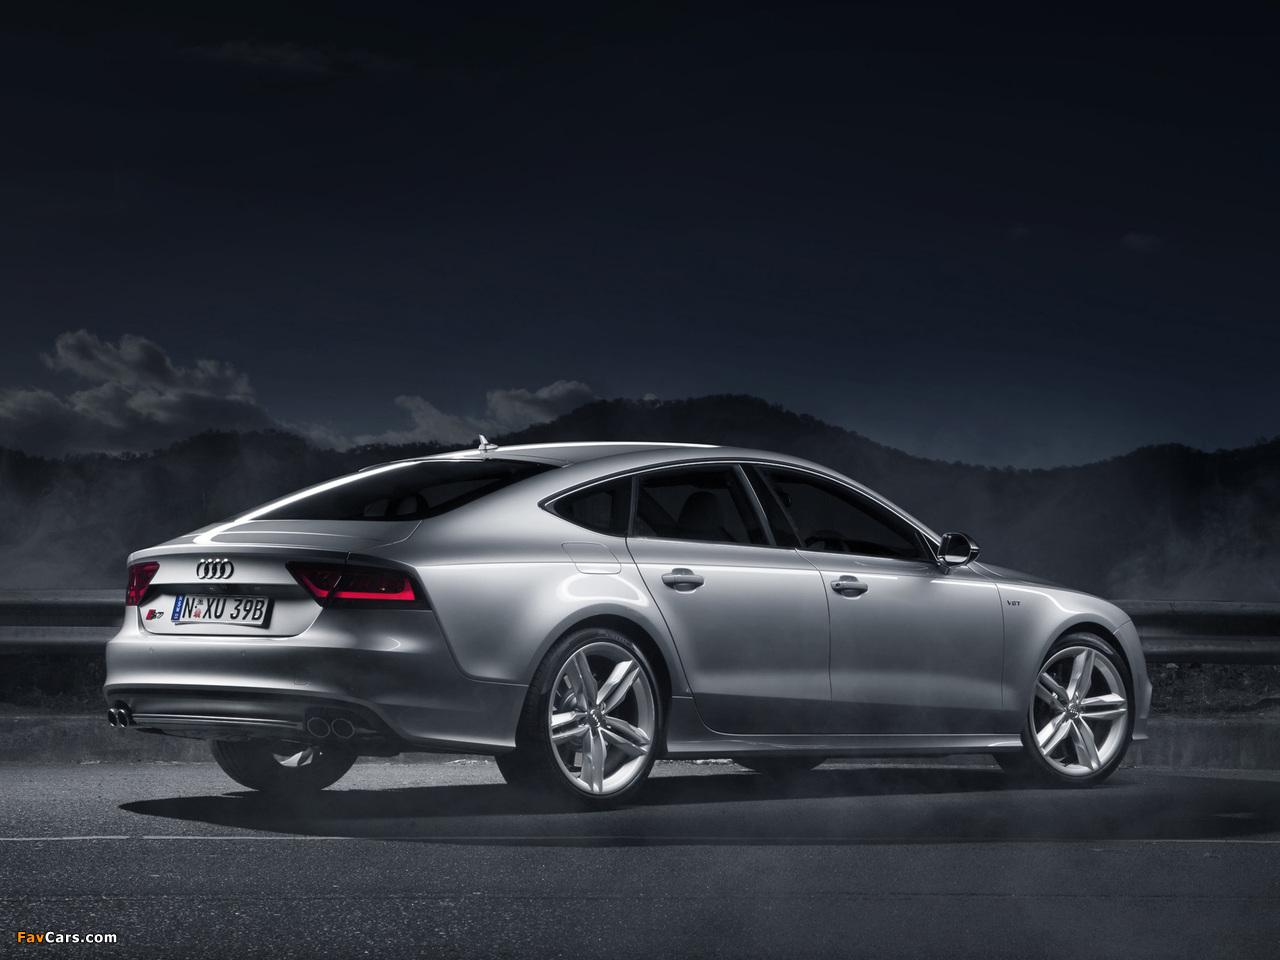 Images Of Audi S7 Sportback Au Spec 2012 1280x960